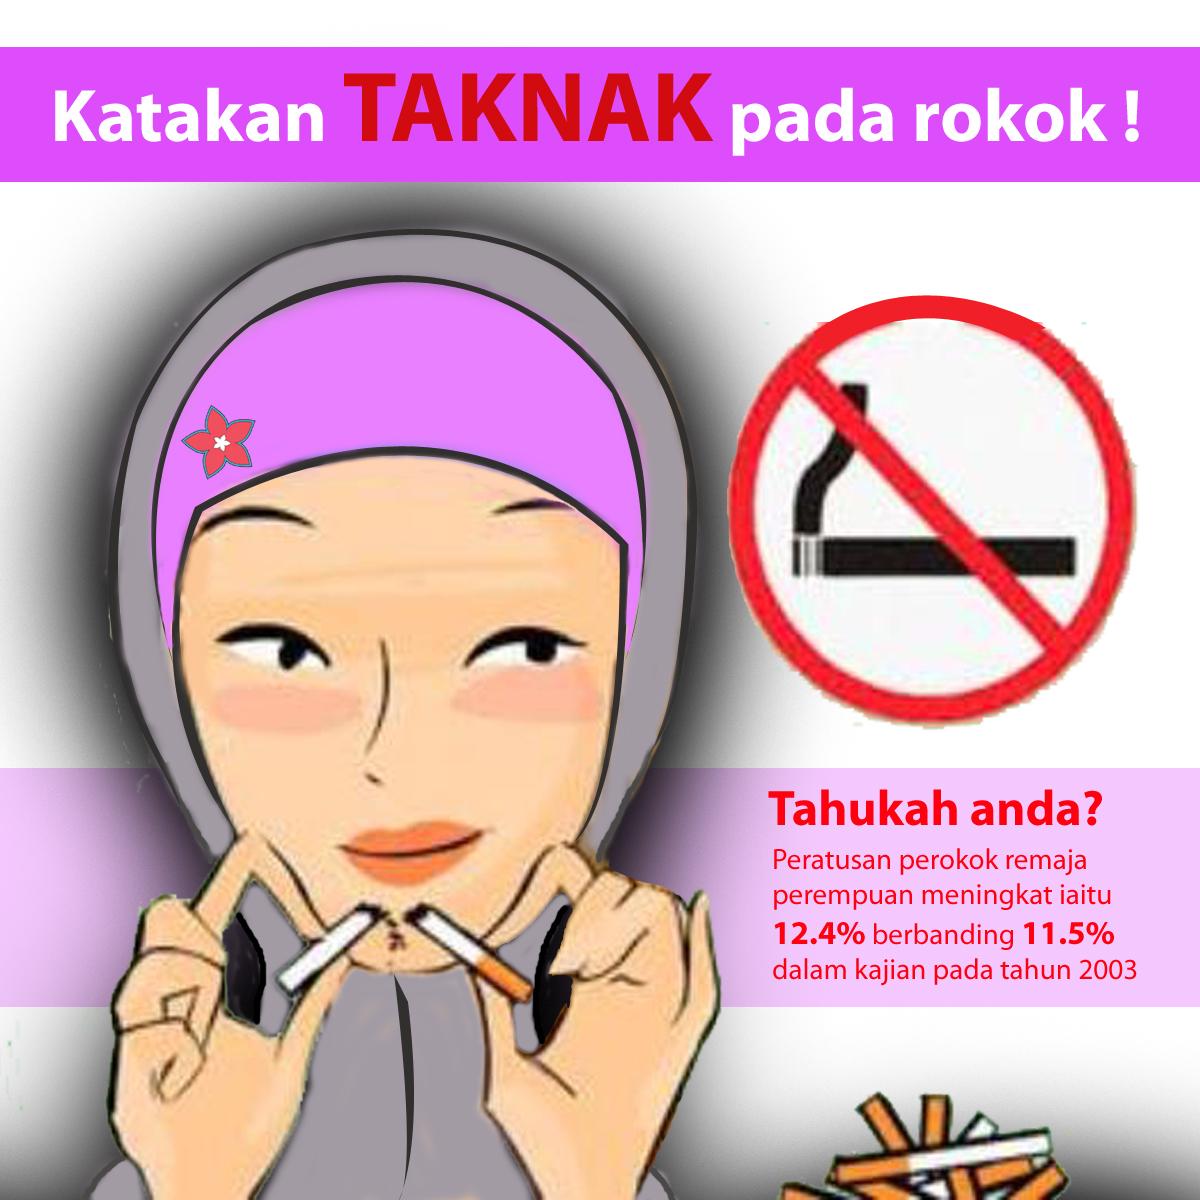 Taknak pada rokok